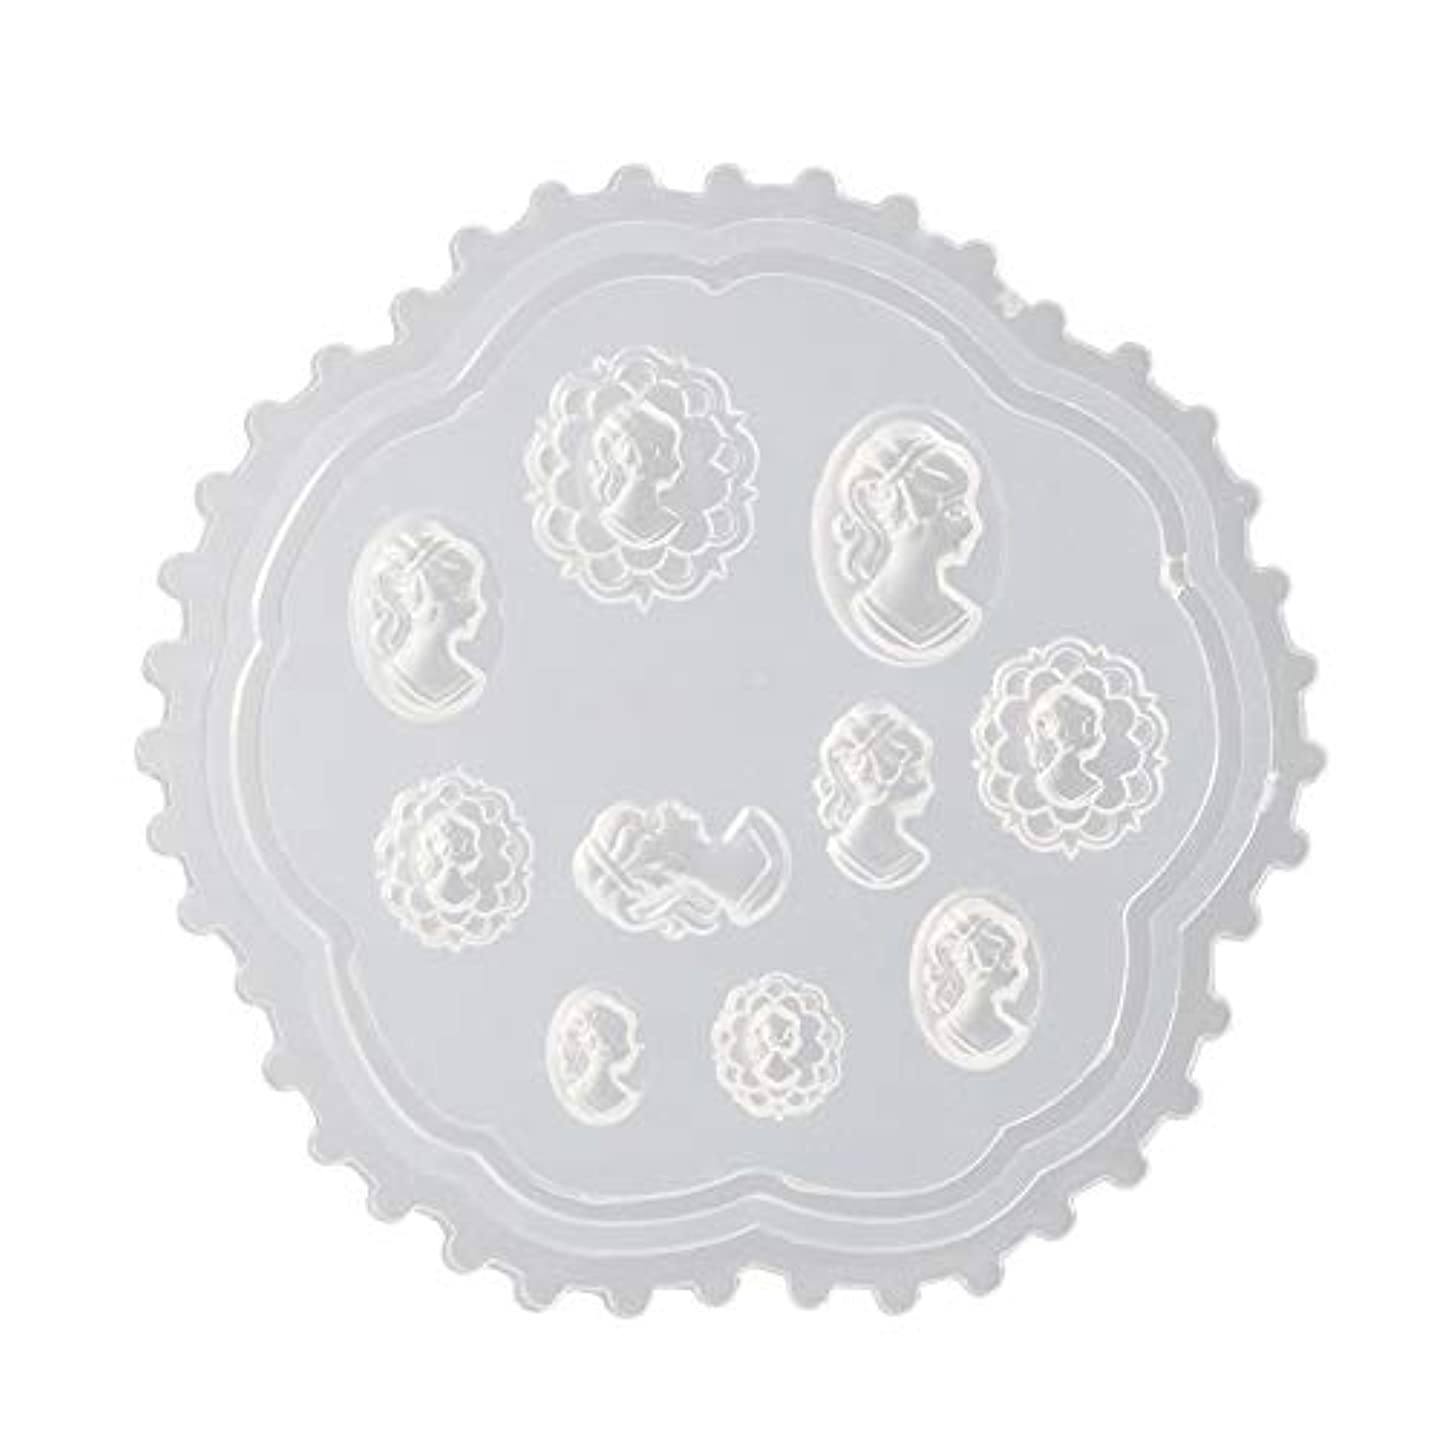 デンマーク殺すアフリカLindexs 3Dシリコンモールド ネイル 葉 花 抜き型 3Dネイル用 レジンモールド UVレジン ネイルパーツ ジェル ネイル セット アクセサリー パーツ 作成 (2#)